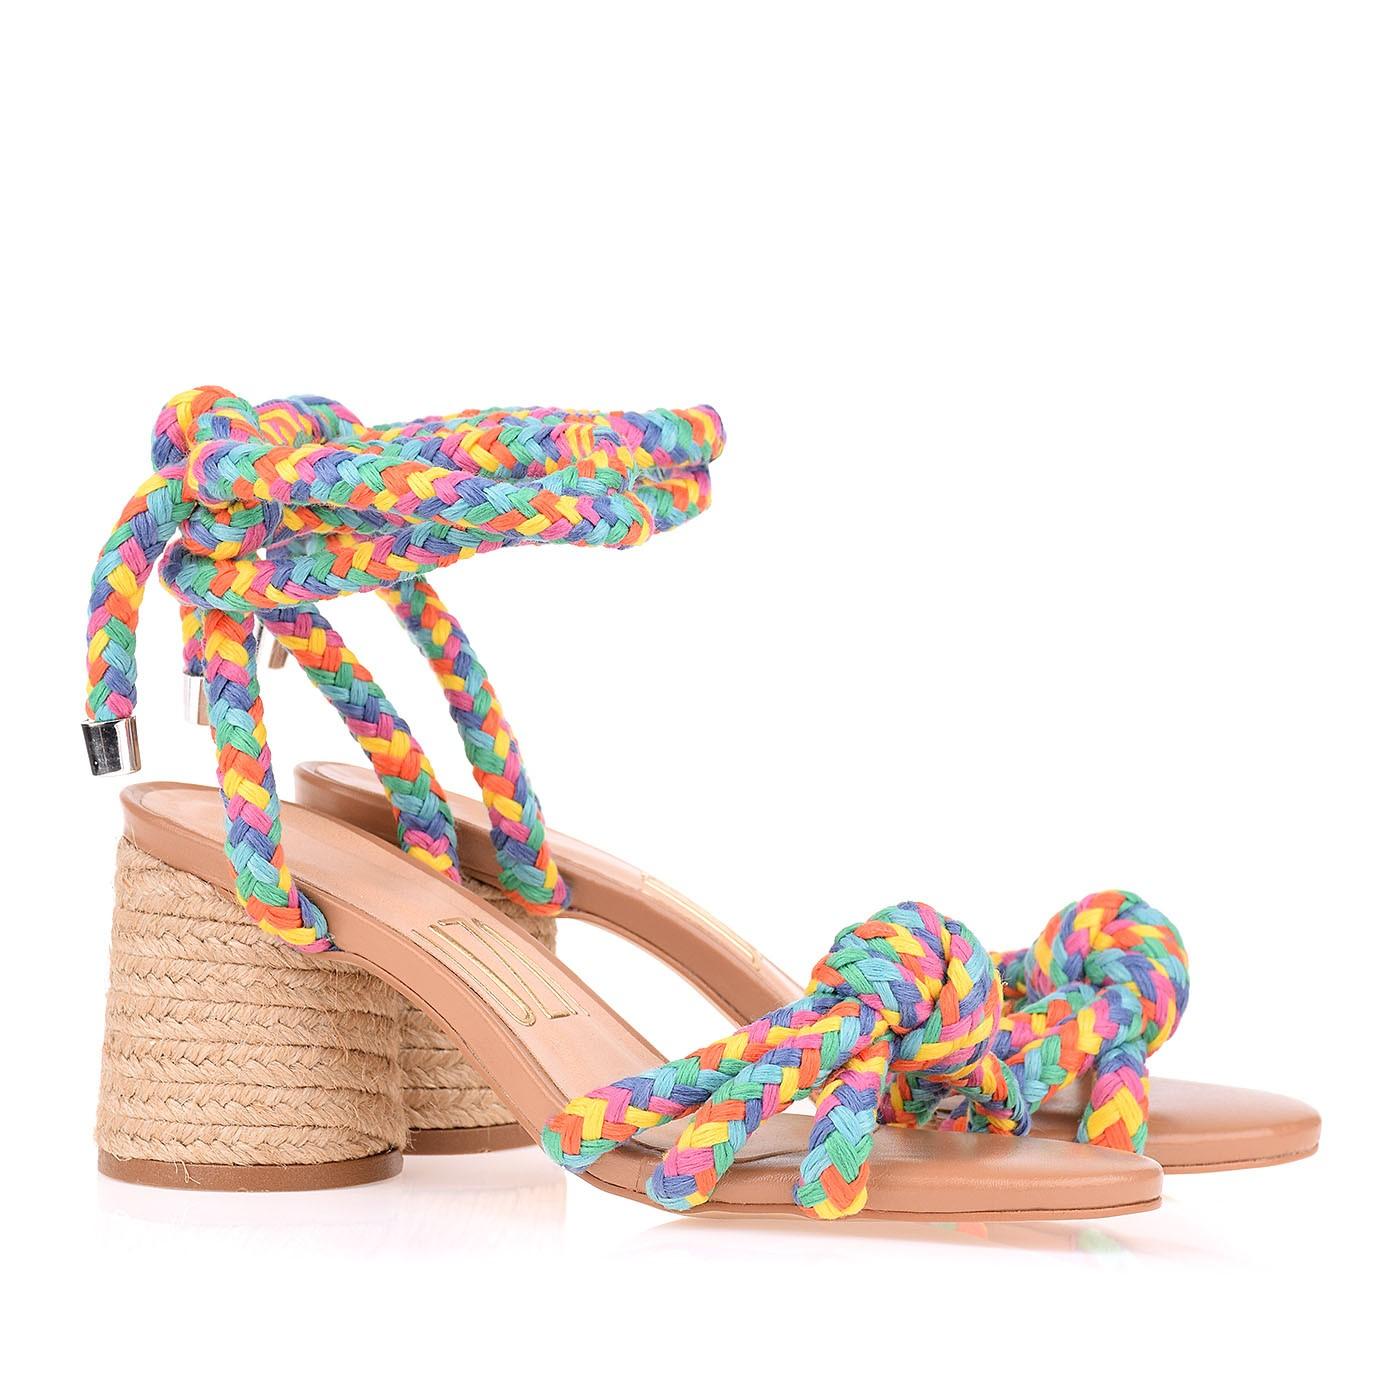 Sandália Salto Médio Whip Rainbow